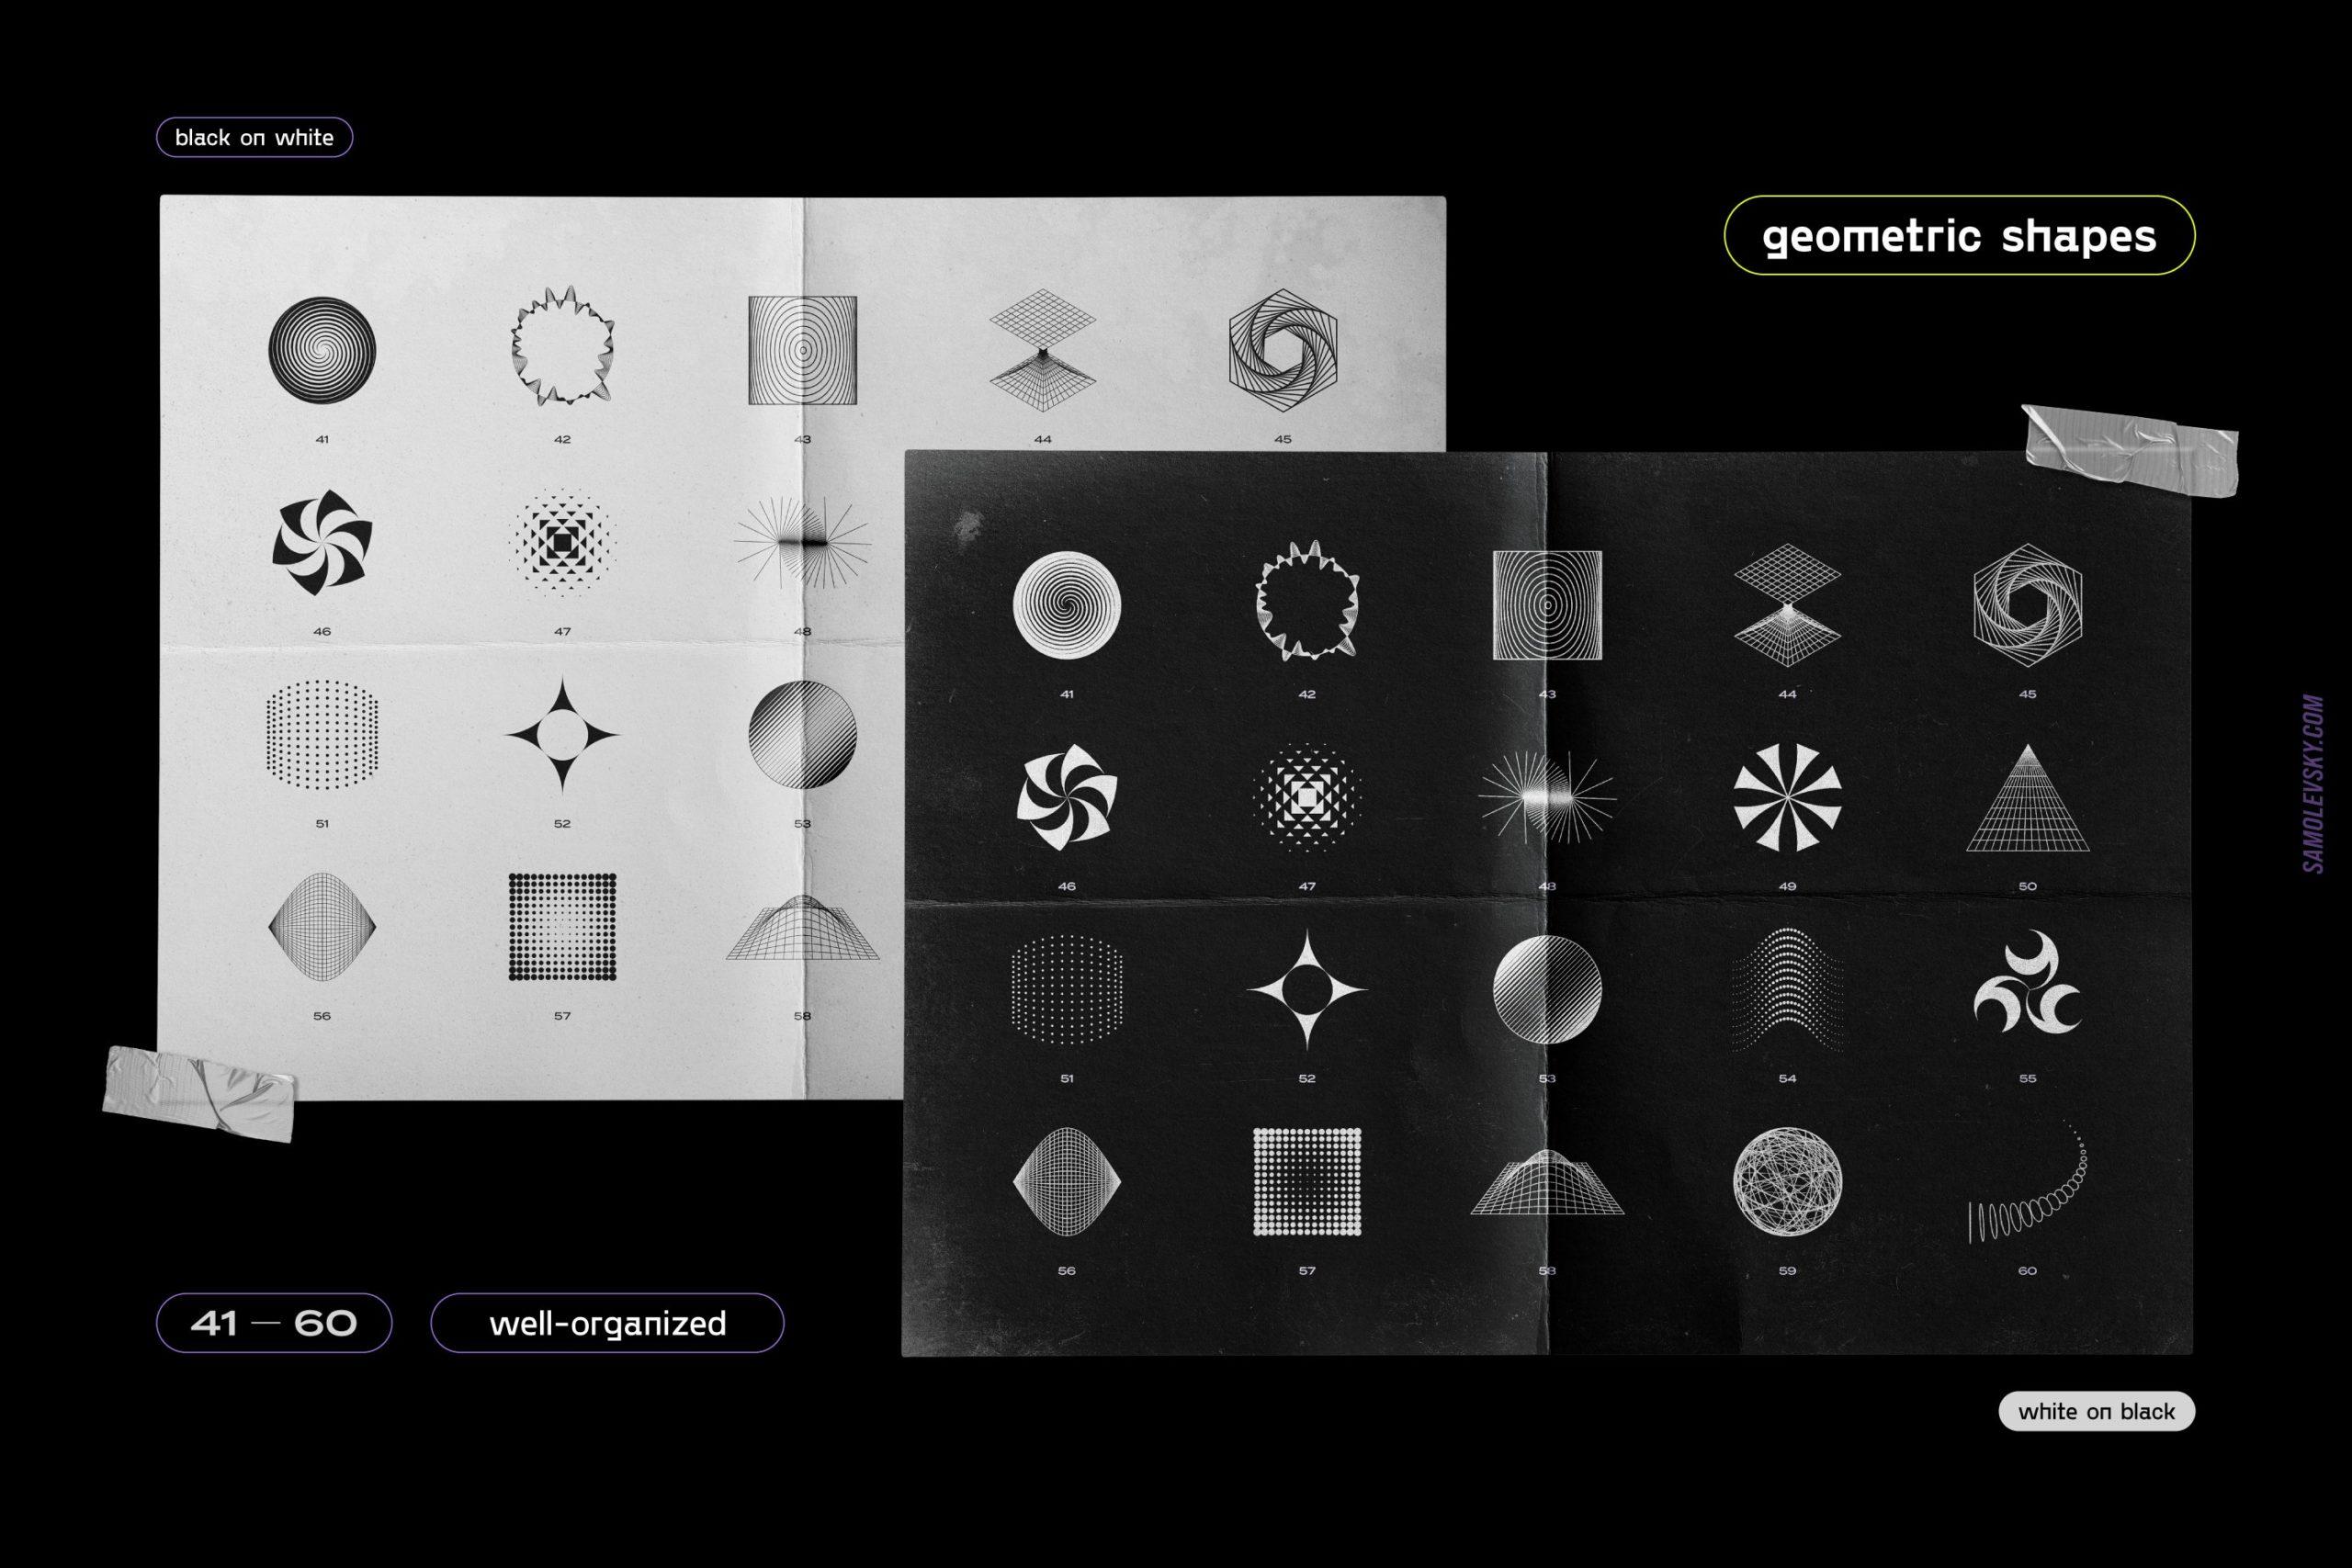 [淘宝购买] 时尚潮流抽象扭曲多边形几何海报设计矢量设计素材 Geometric Shapes For Poster Design插图9